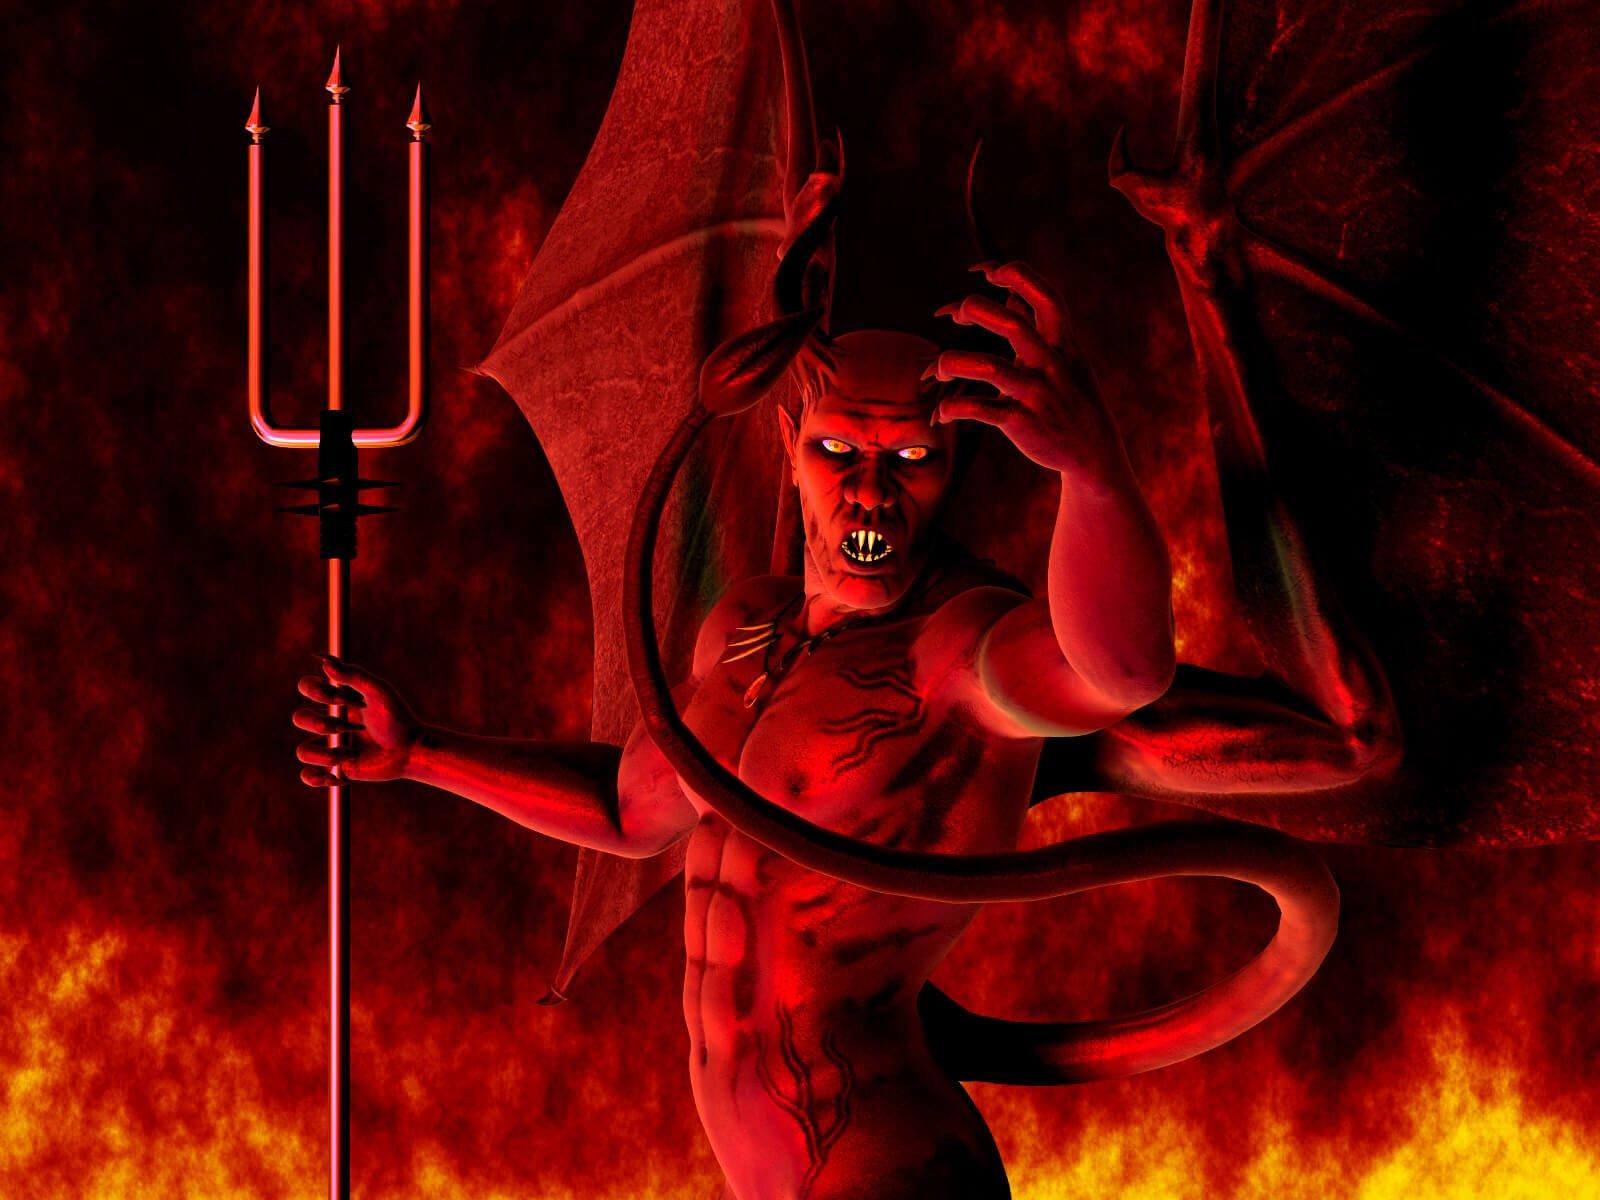 Как вера в сатану оберегала людей от смертельных болезней?